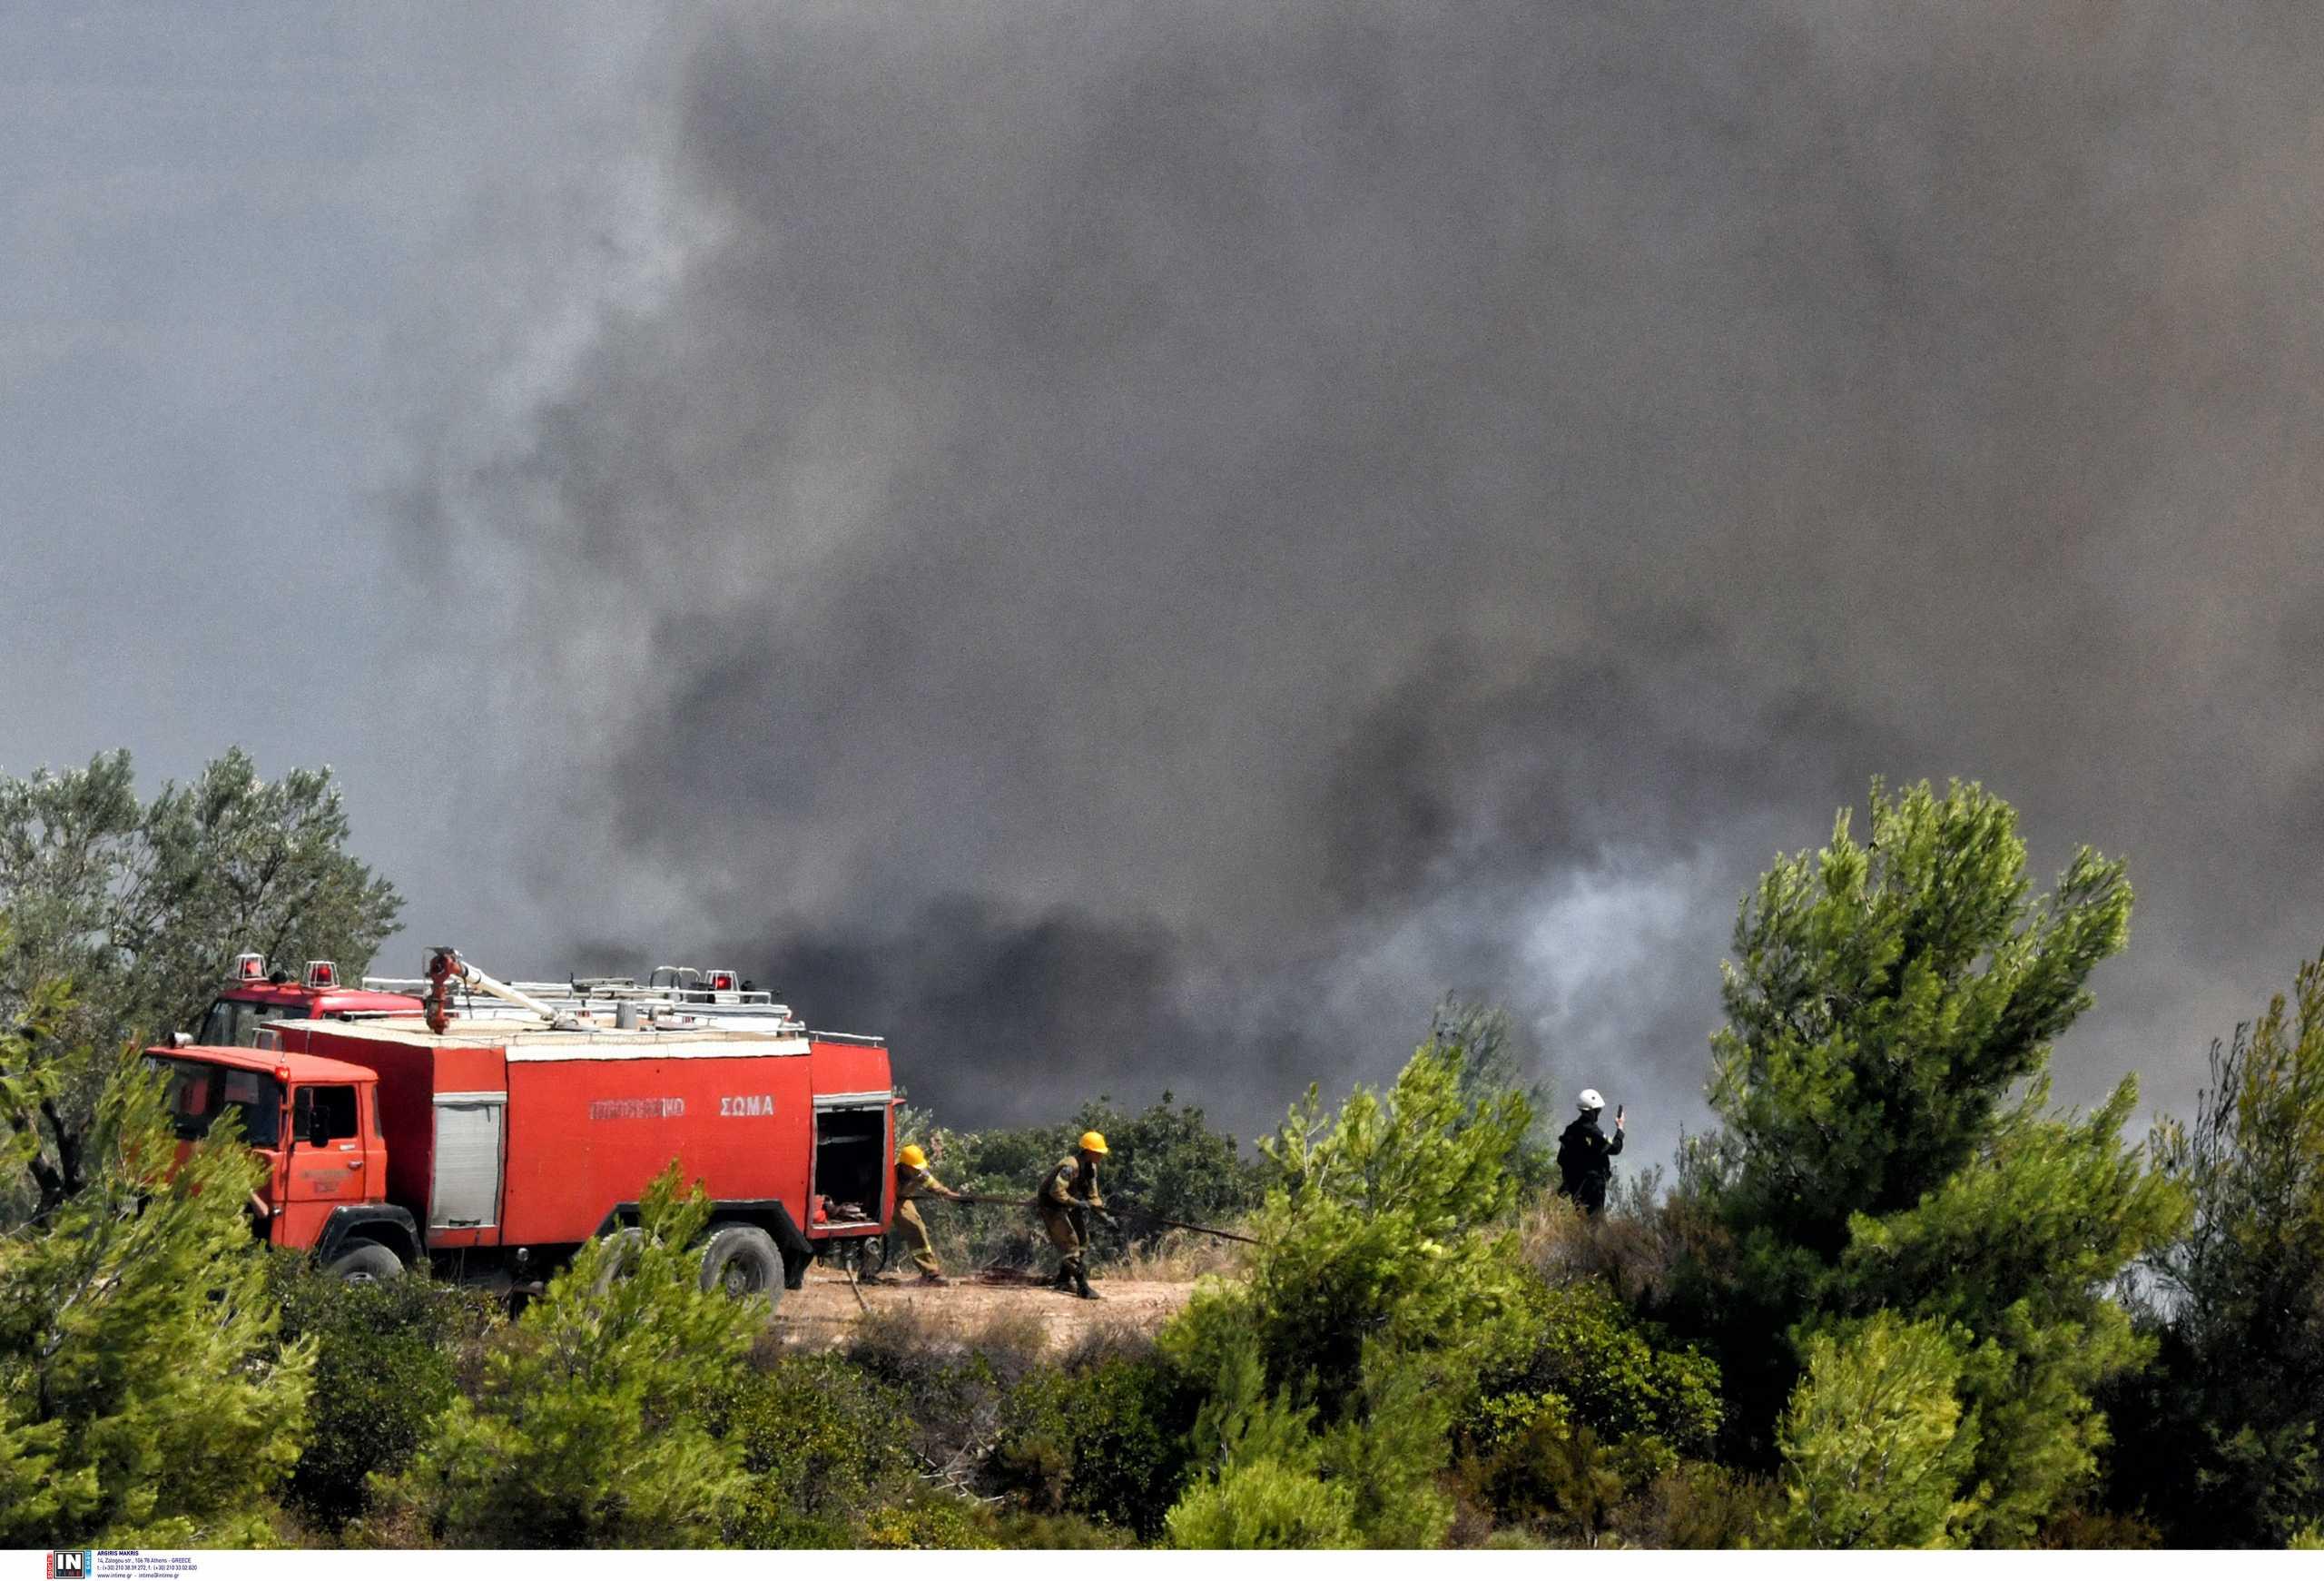 Φωτιές στη Μακεδονία: Καλύτερη η εικόνα στα πέντε μέτωπα